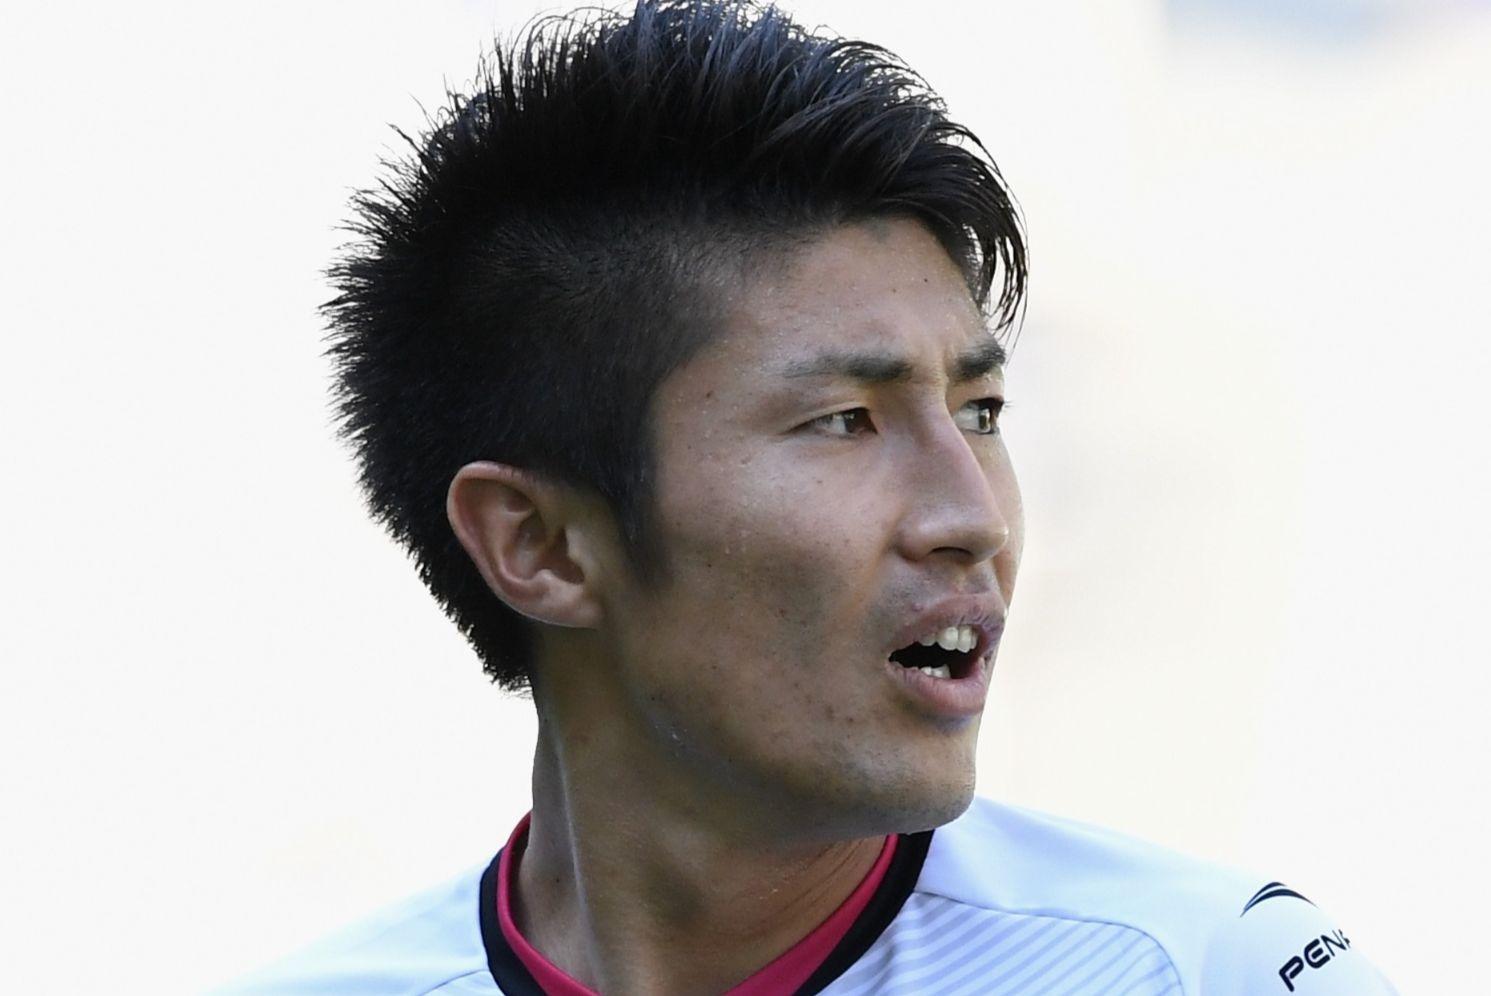 オイペンのFW豊川雄太は後半12分から途中出場、3得点1アシストとチームを逆転残留に導く出色のパフォーマンスを見せた【写真:Getty Images】